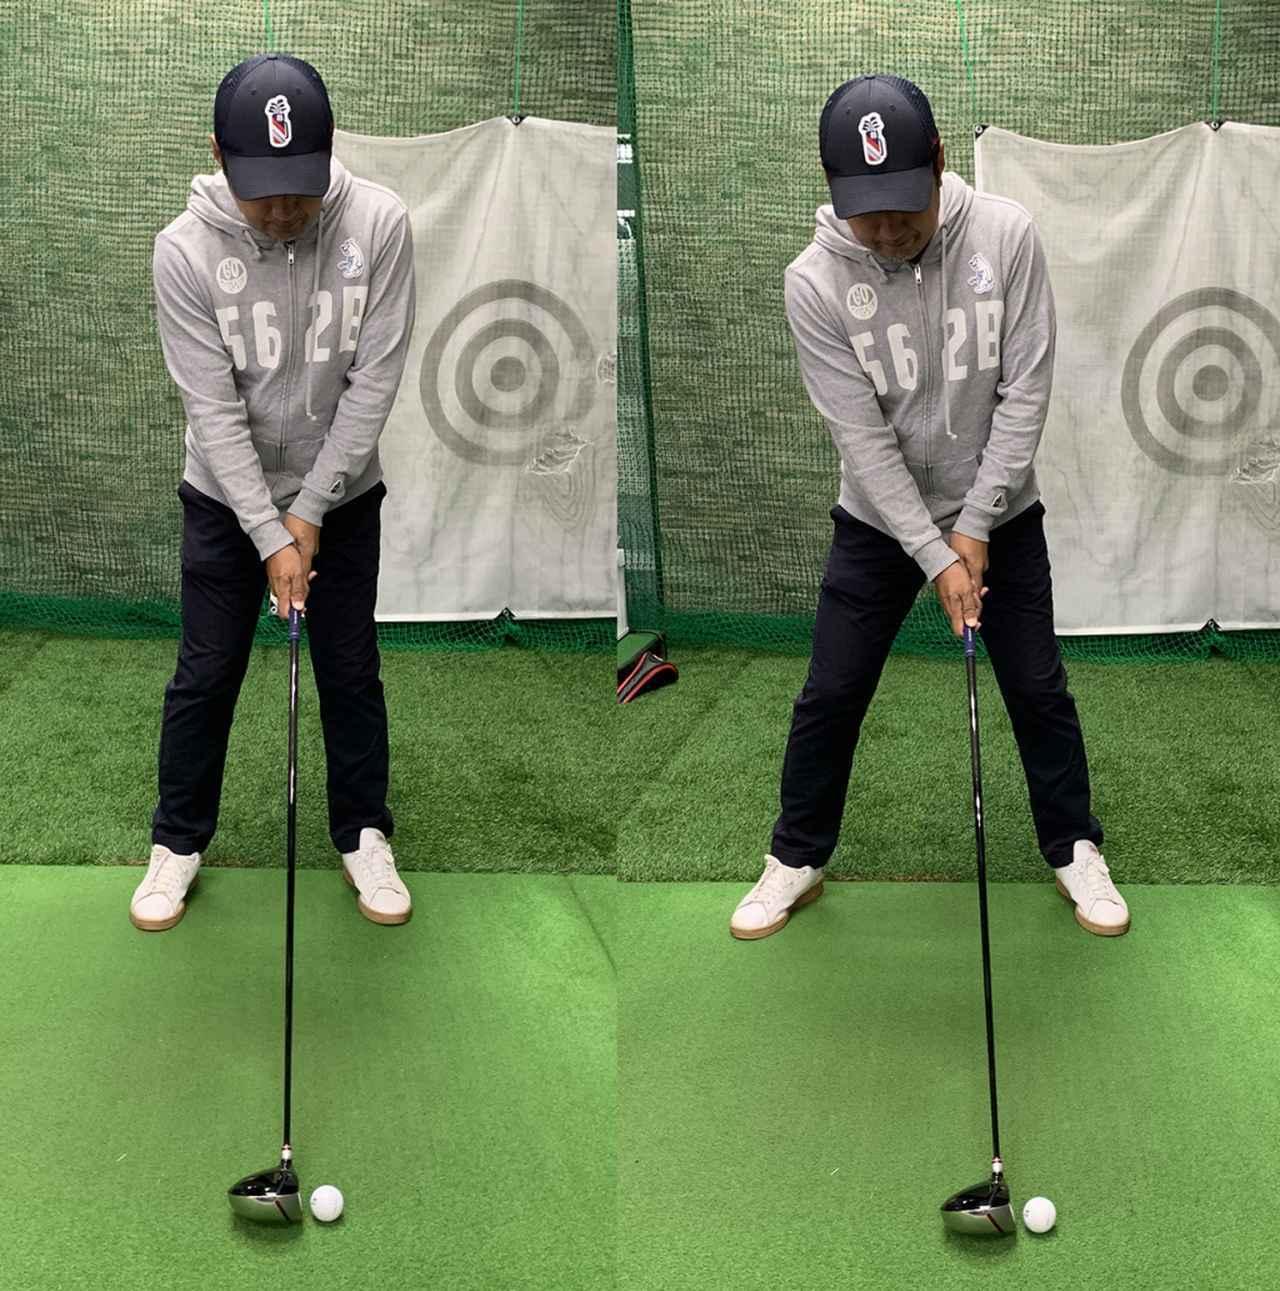 画像: スタンス幅が狭いと最下点はスタンス中央寄りになり、スタンス幅が広いとボール位置はスタンスの左寄りになります